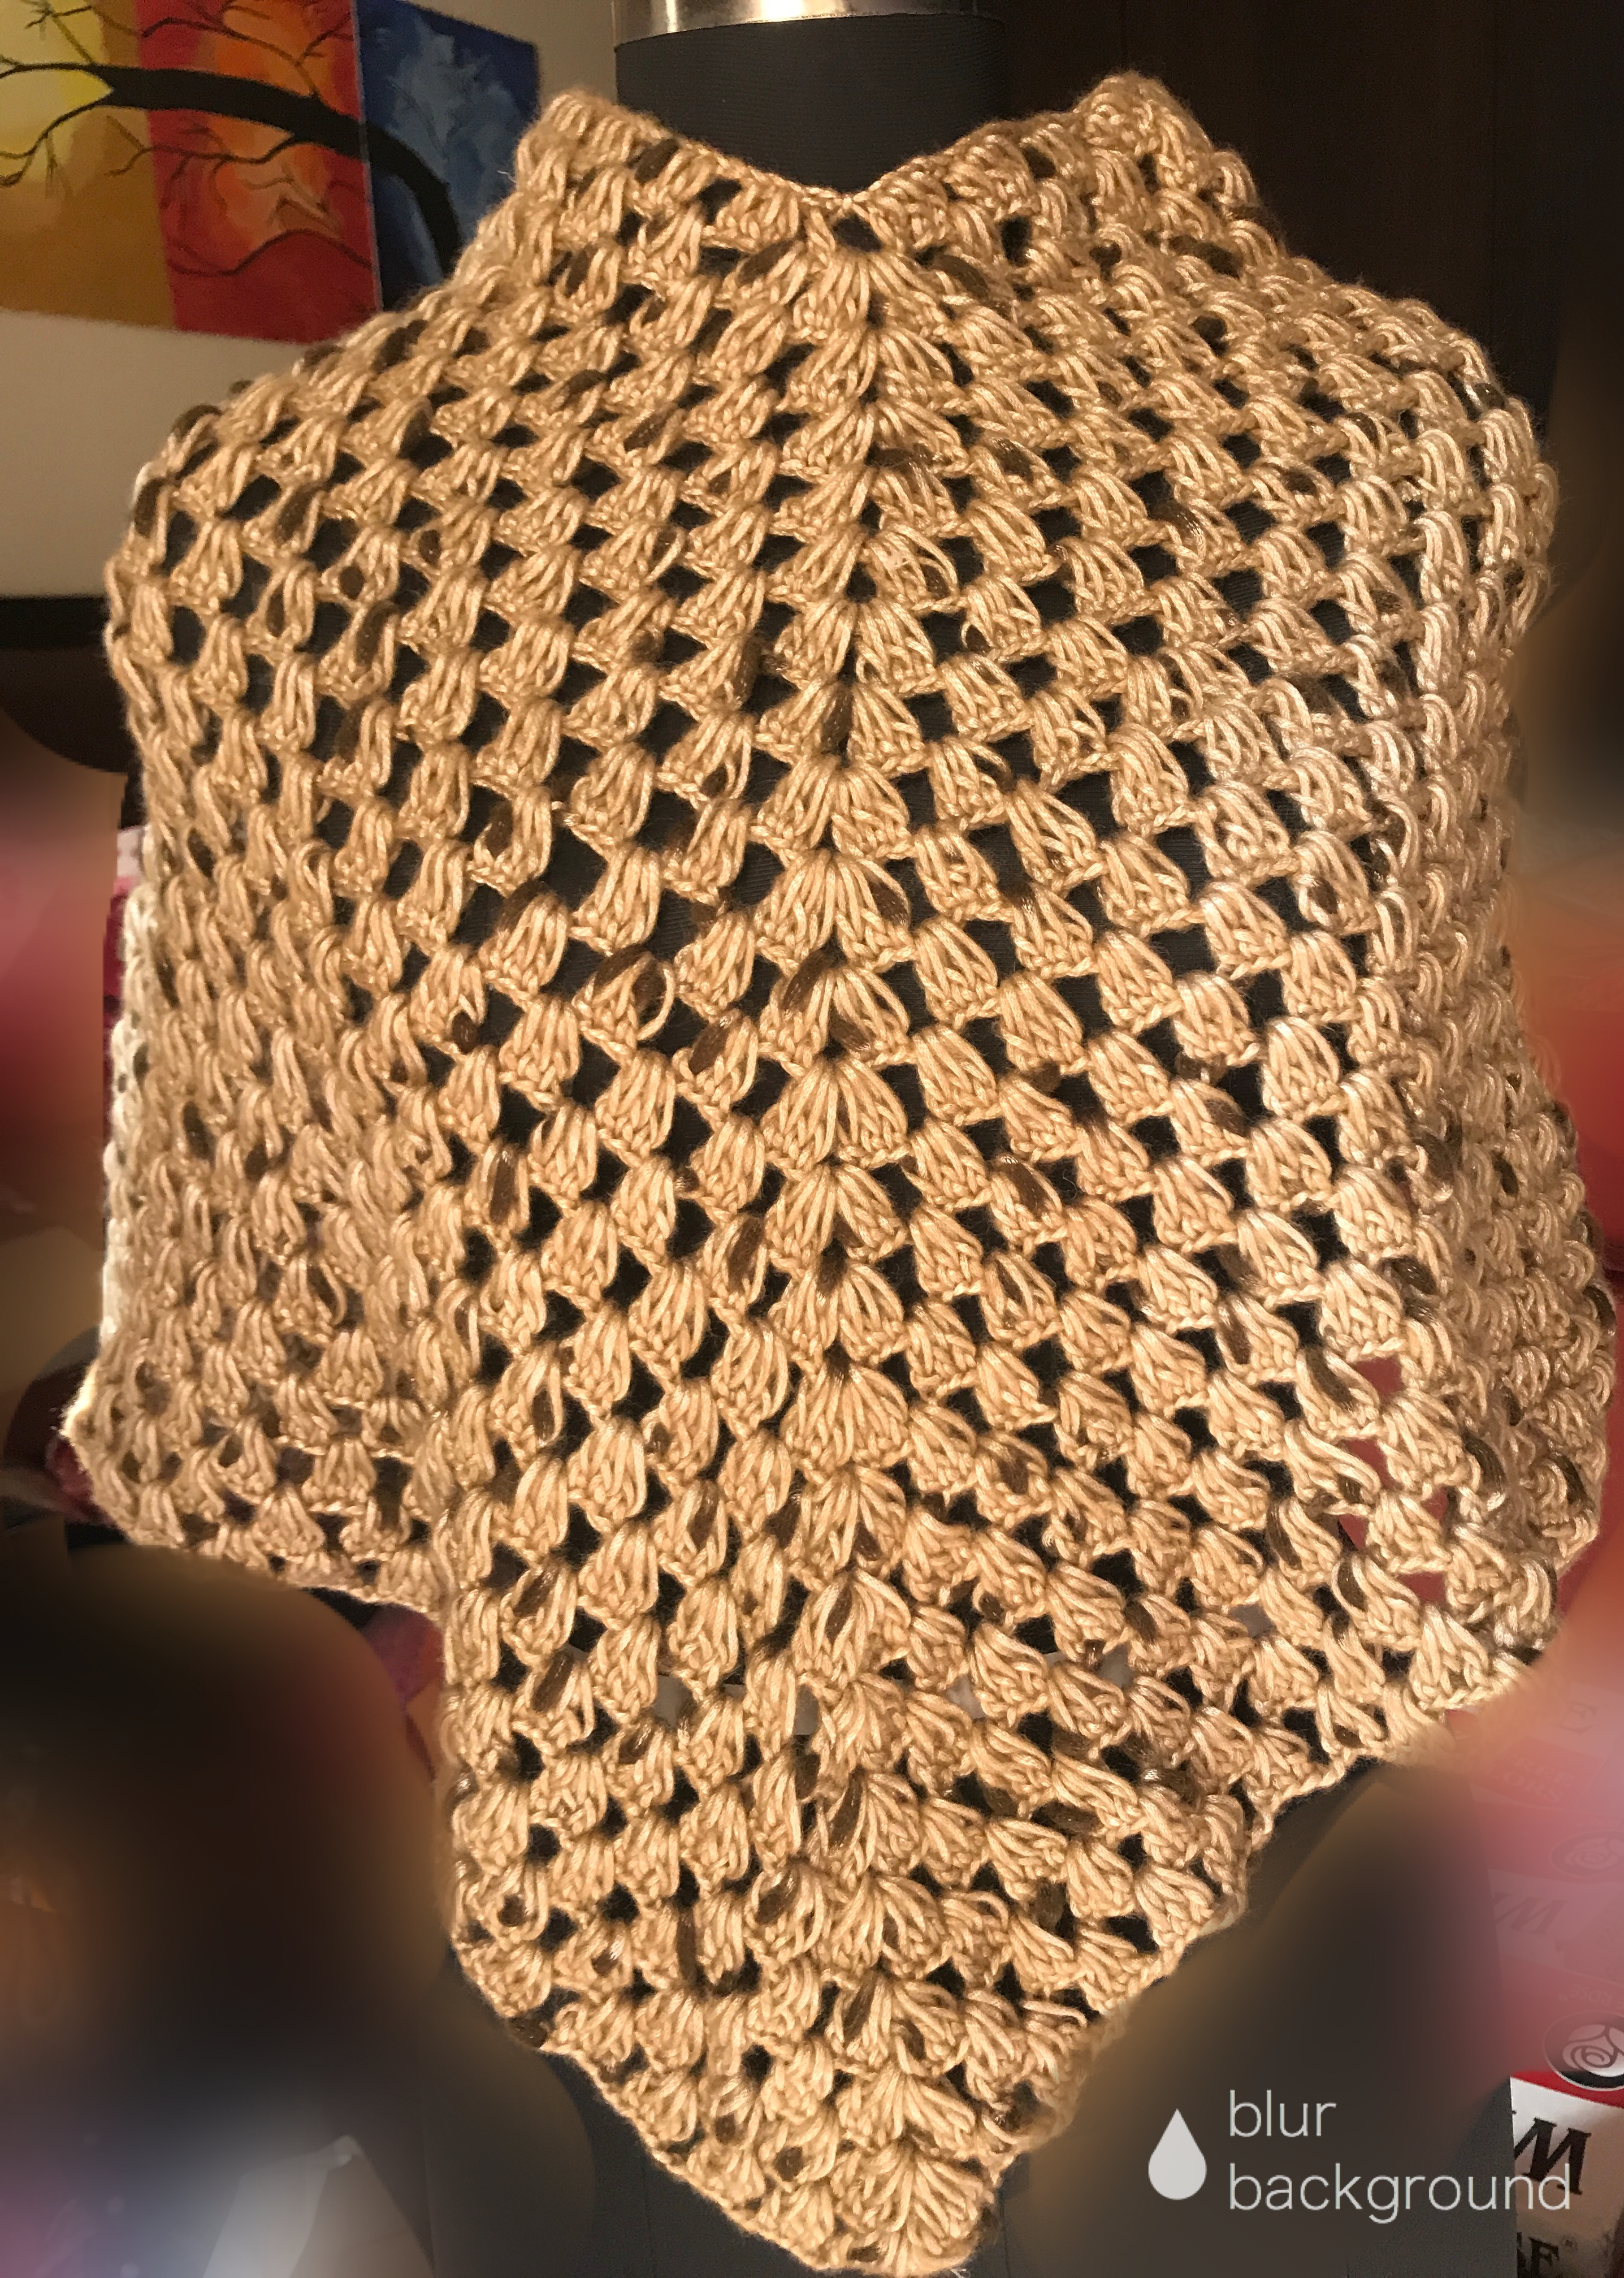 Crochet Woolen poncho snoflakes pattern -Golden - The Crochet Bella